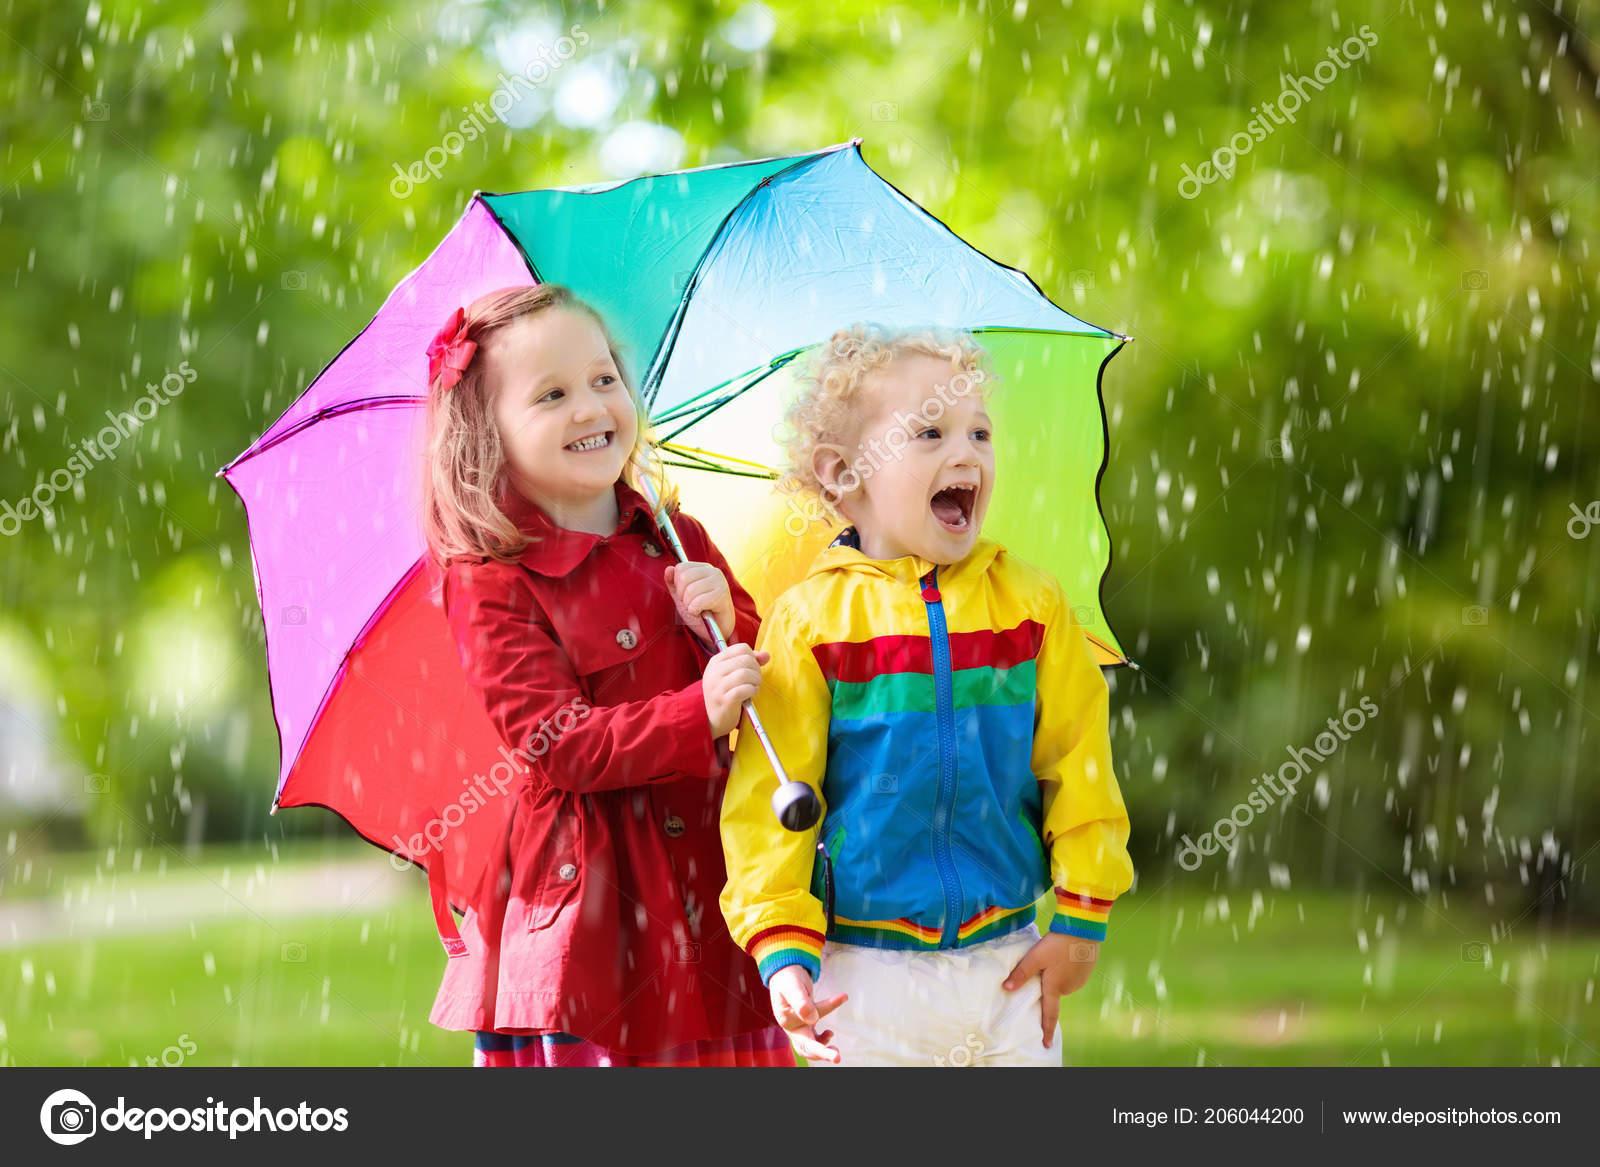 8dc535ed3db Malý chlapec a dívka hrají v deštivém létě parku. Děti s barevný duhový  deštník